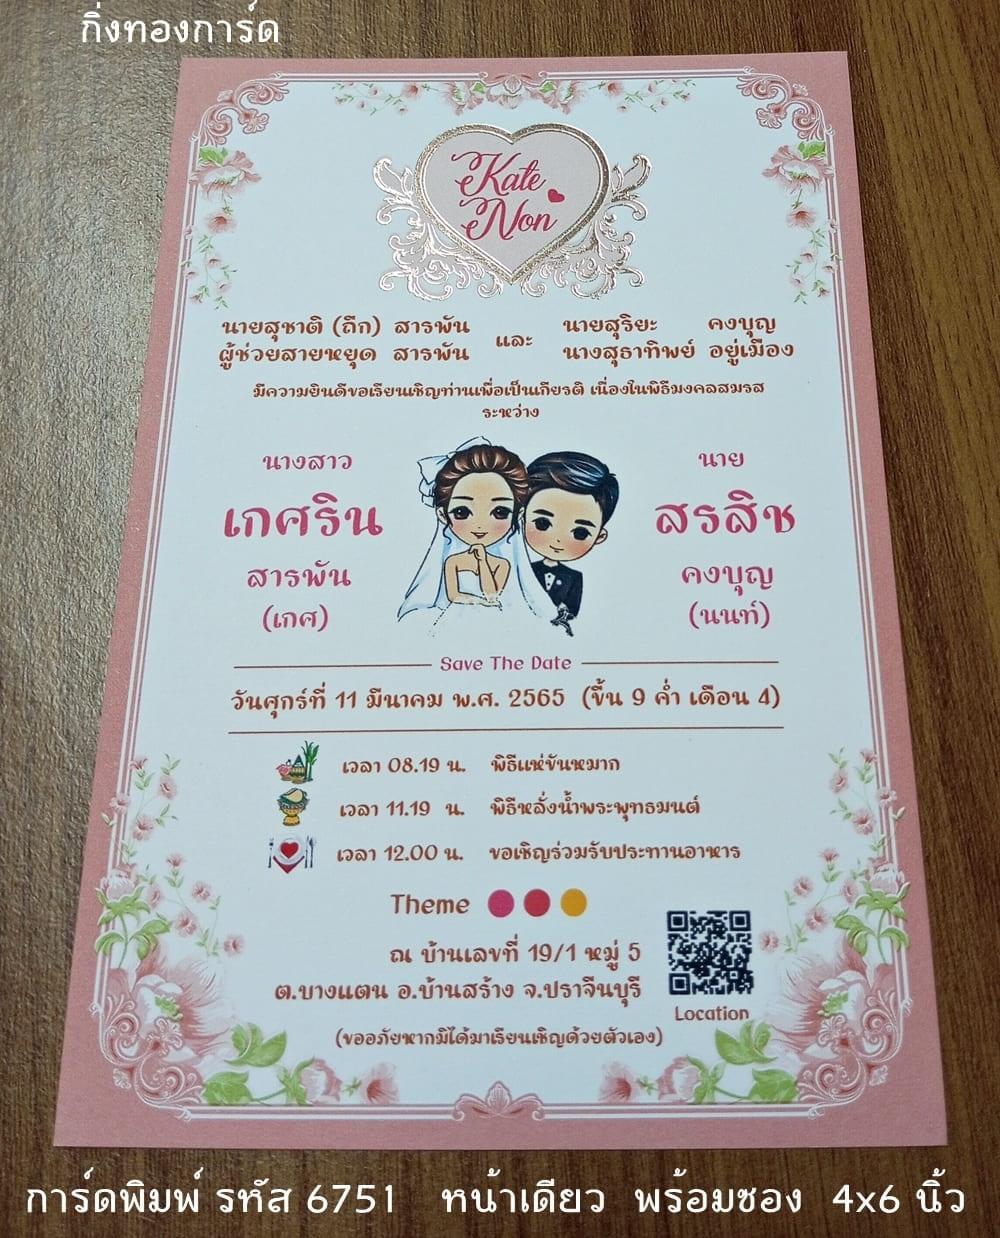 การ์ดพิมพ์ การ์ดแต่งงาน แบบหน้าเดียว พร้อมซอง ขนาด 4x6 นิ้ว ราคาต่อ 100 ชุด